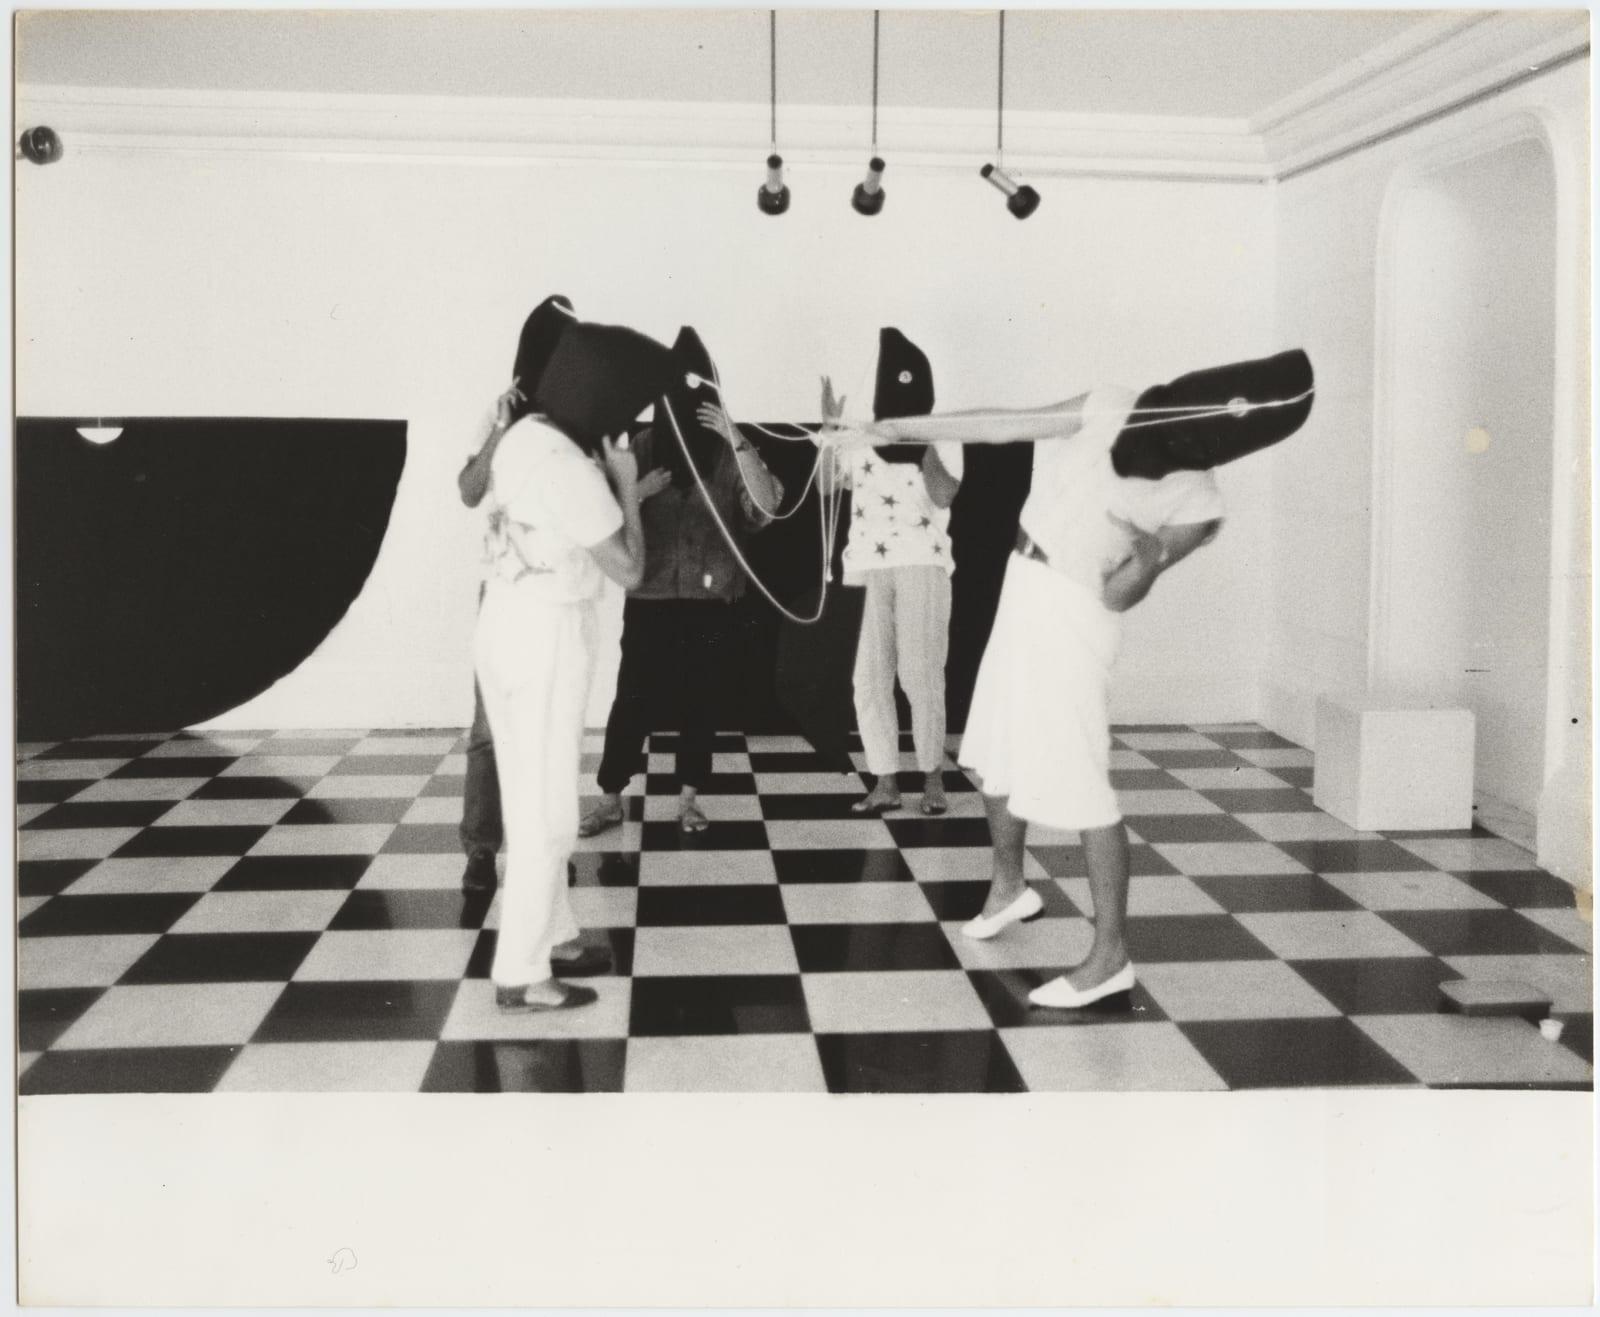 Martha Araújo, Capacete, from the series Hábito/Habitante, 1985